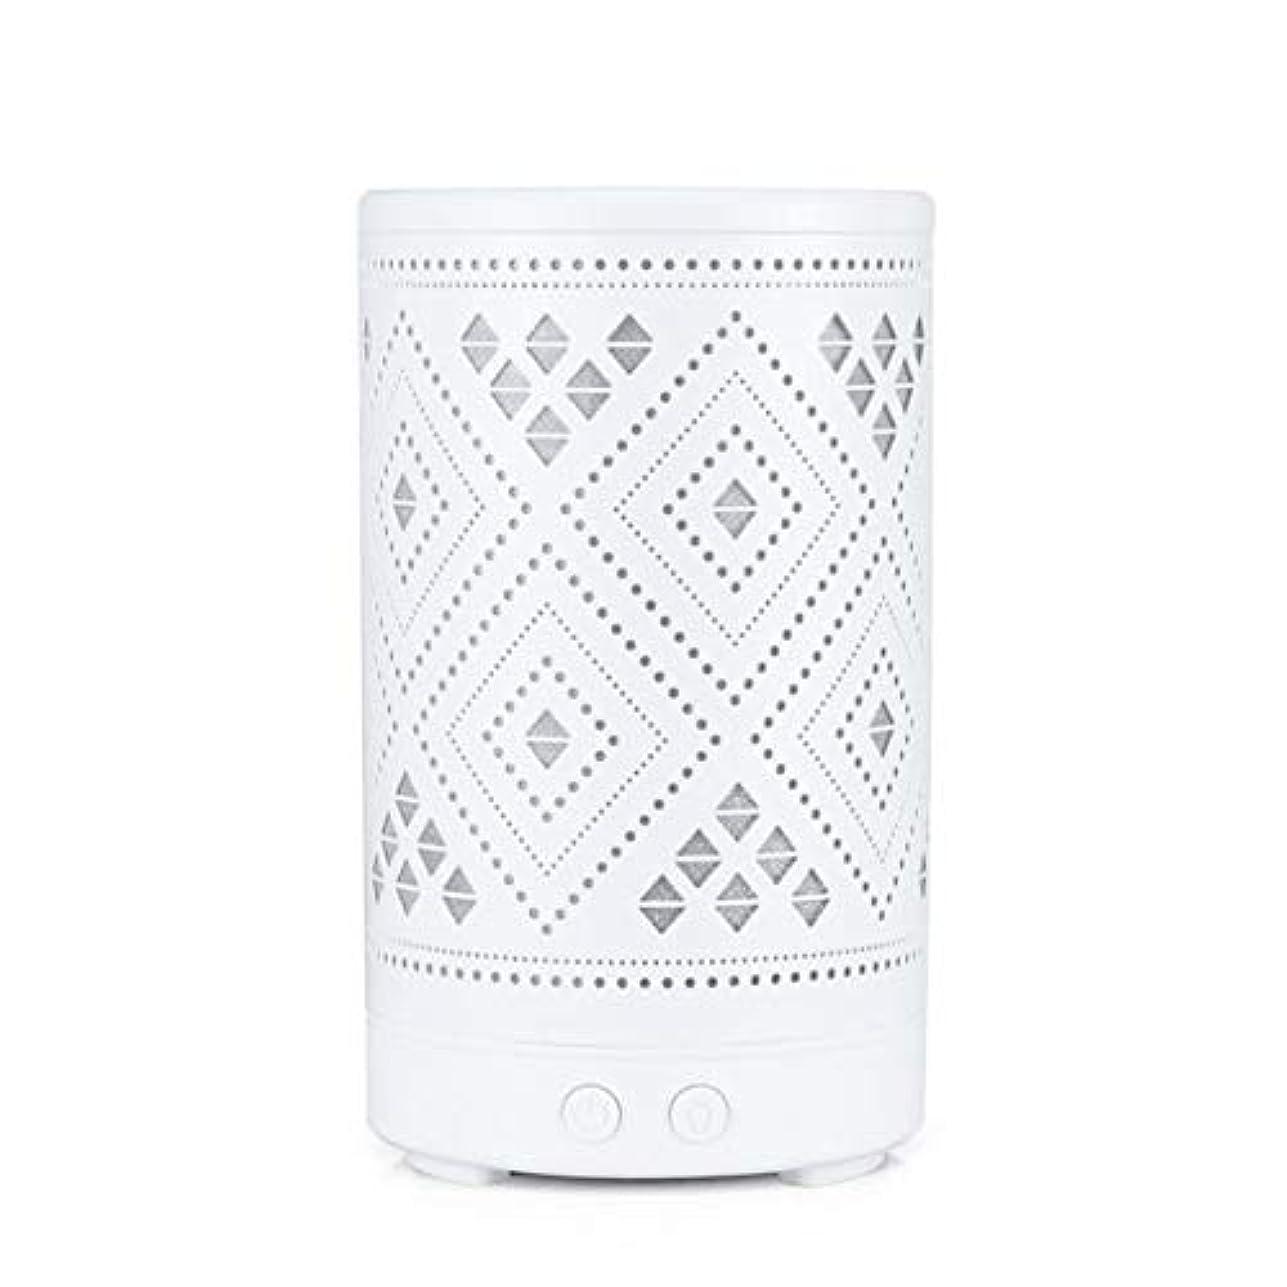 空気増強するテロリストクラシック ミニ 中空 加湿器,涼しい霧 7 色 デスクトップ 加湿機 精油 ディフューザー アロマネブライザー Yoga ベッド 寮- 100ml